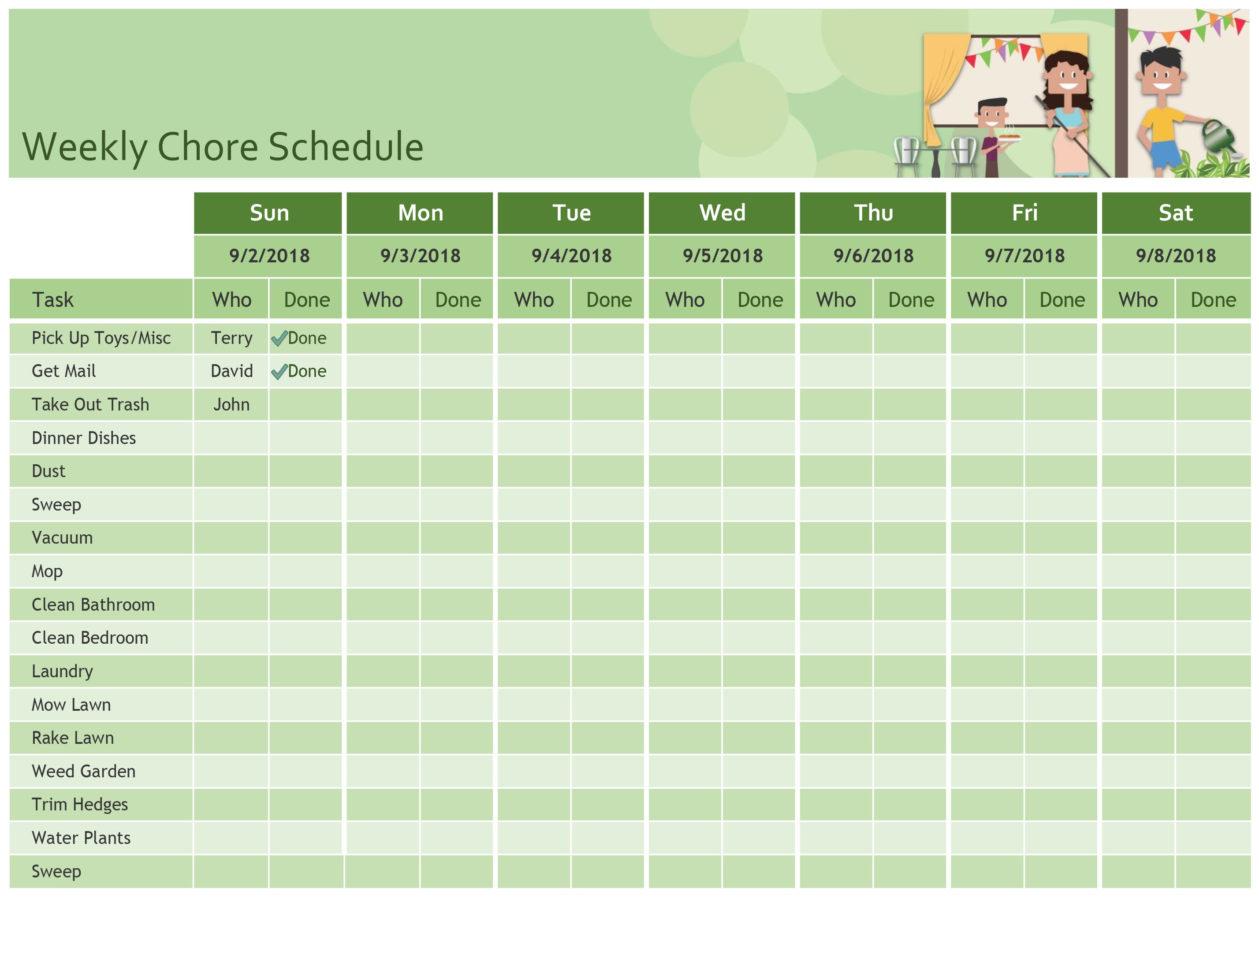 Volunteer Schedule Spreadsheet In Schedules  Office